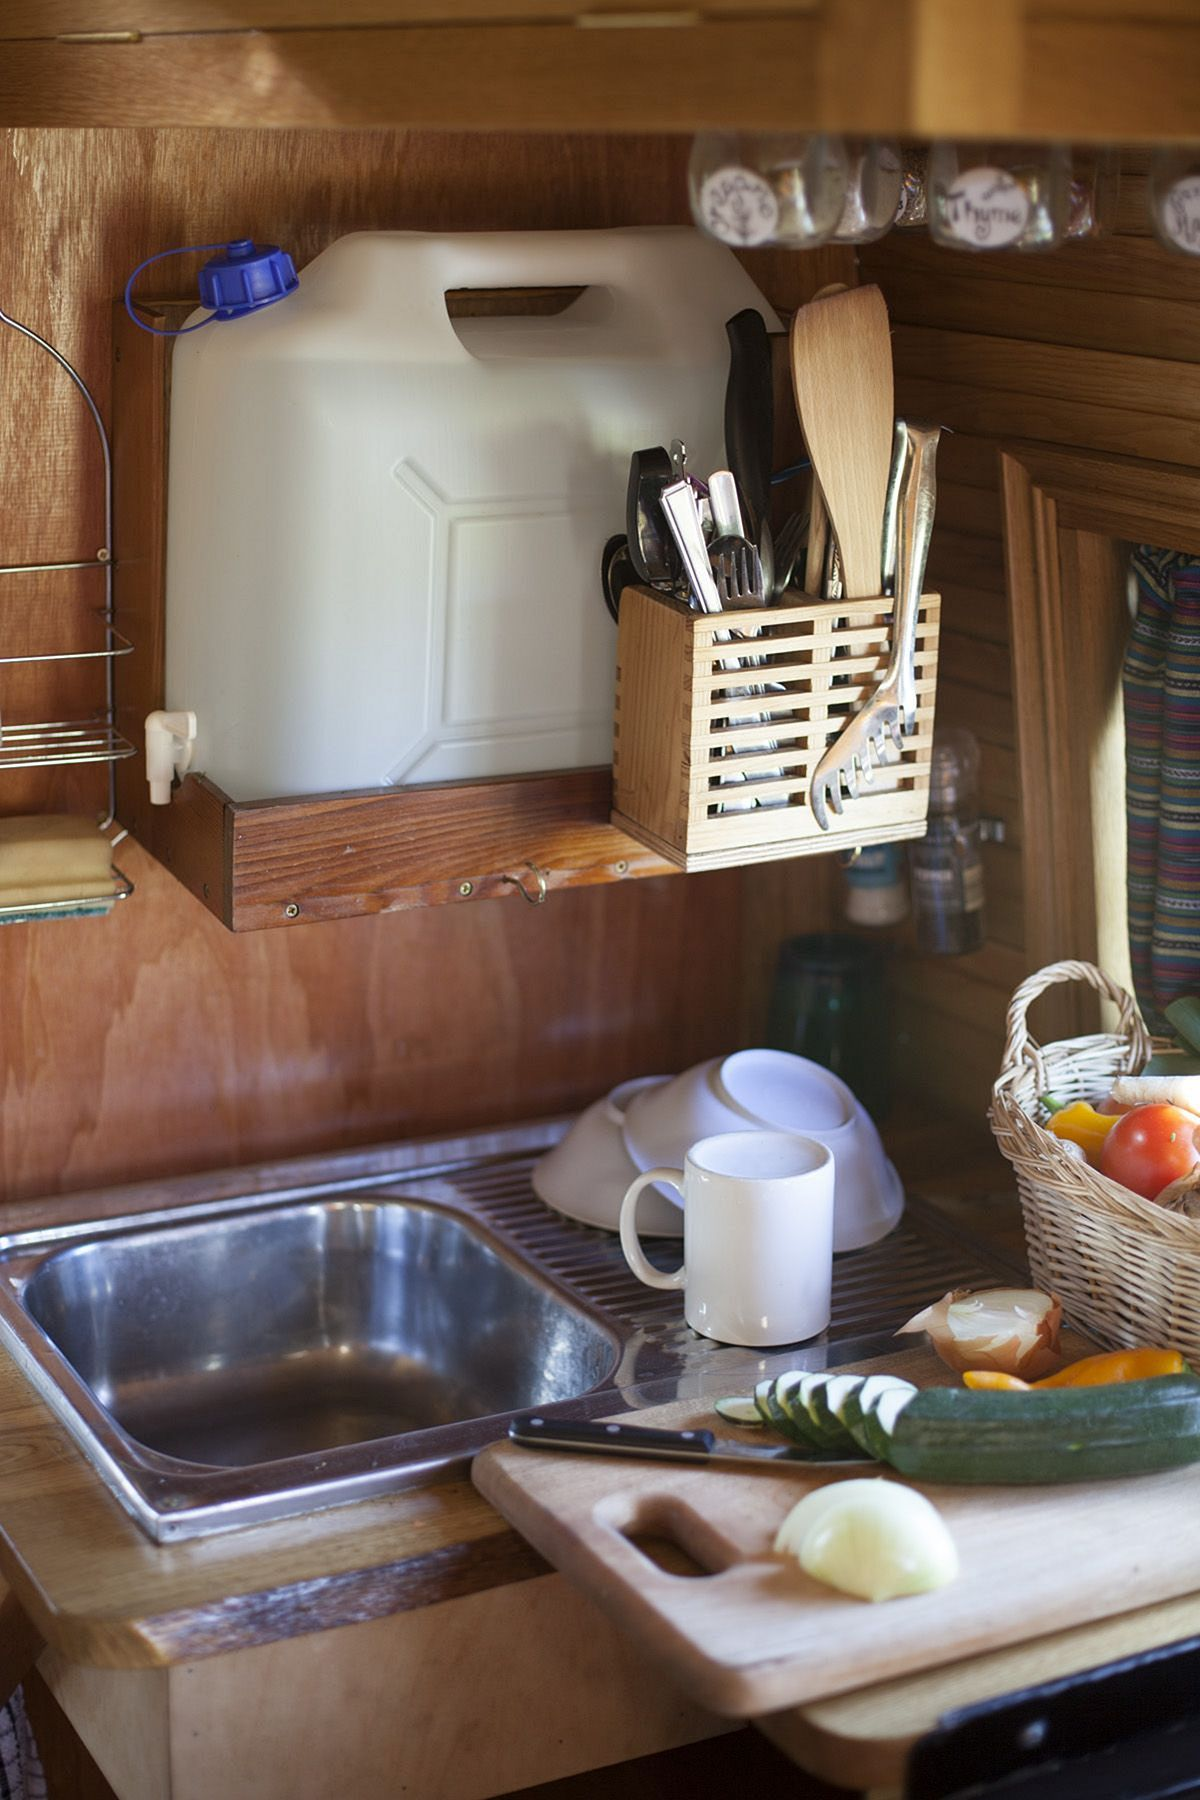 Best Small Travel Trailer >> 15 Best Camper Storage Ideas Travel Trailers / FresHOUZ.com | Camper van kitchen, Camper van ...